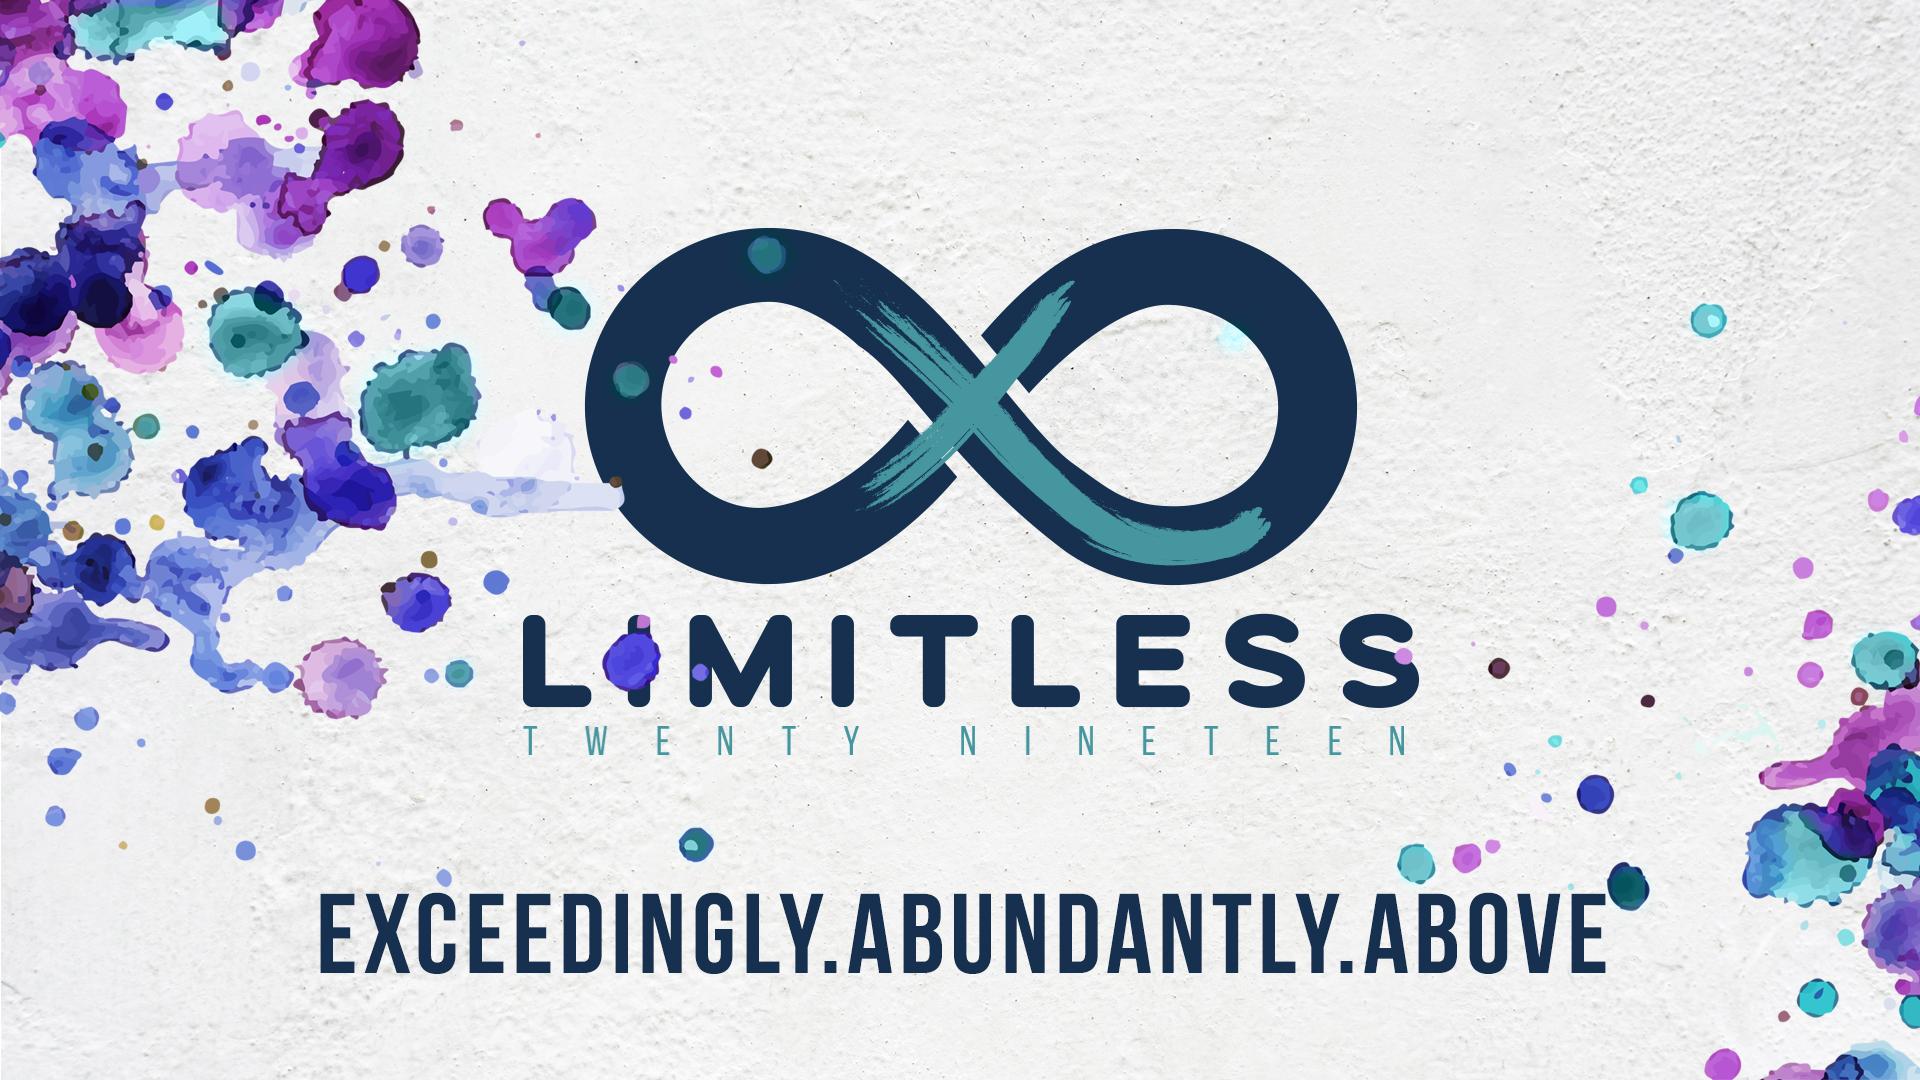 limitless_wide.jpg